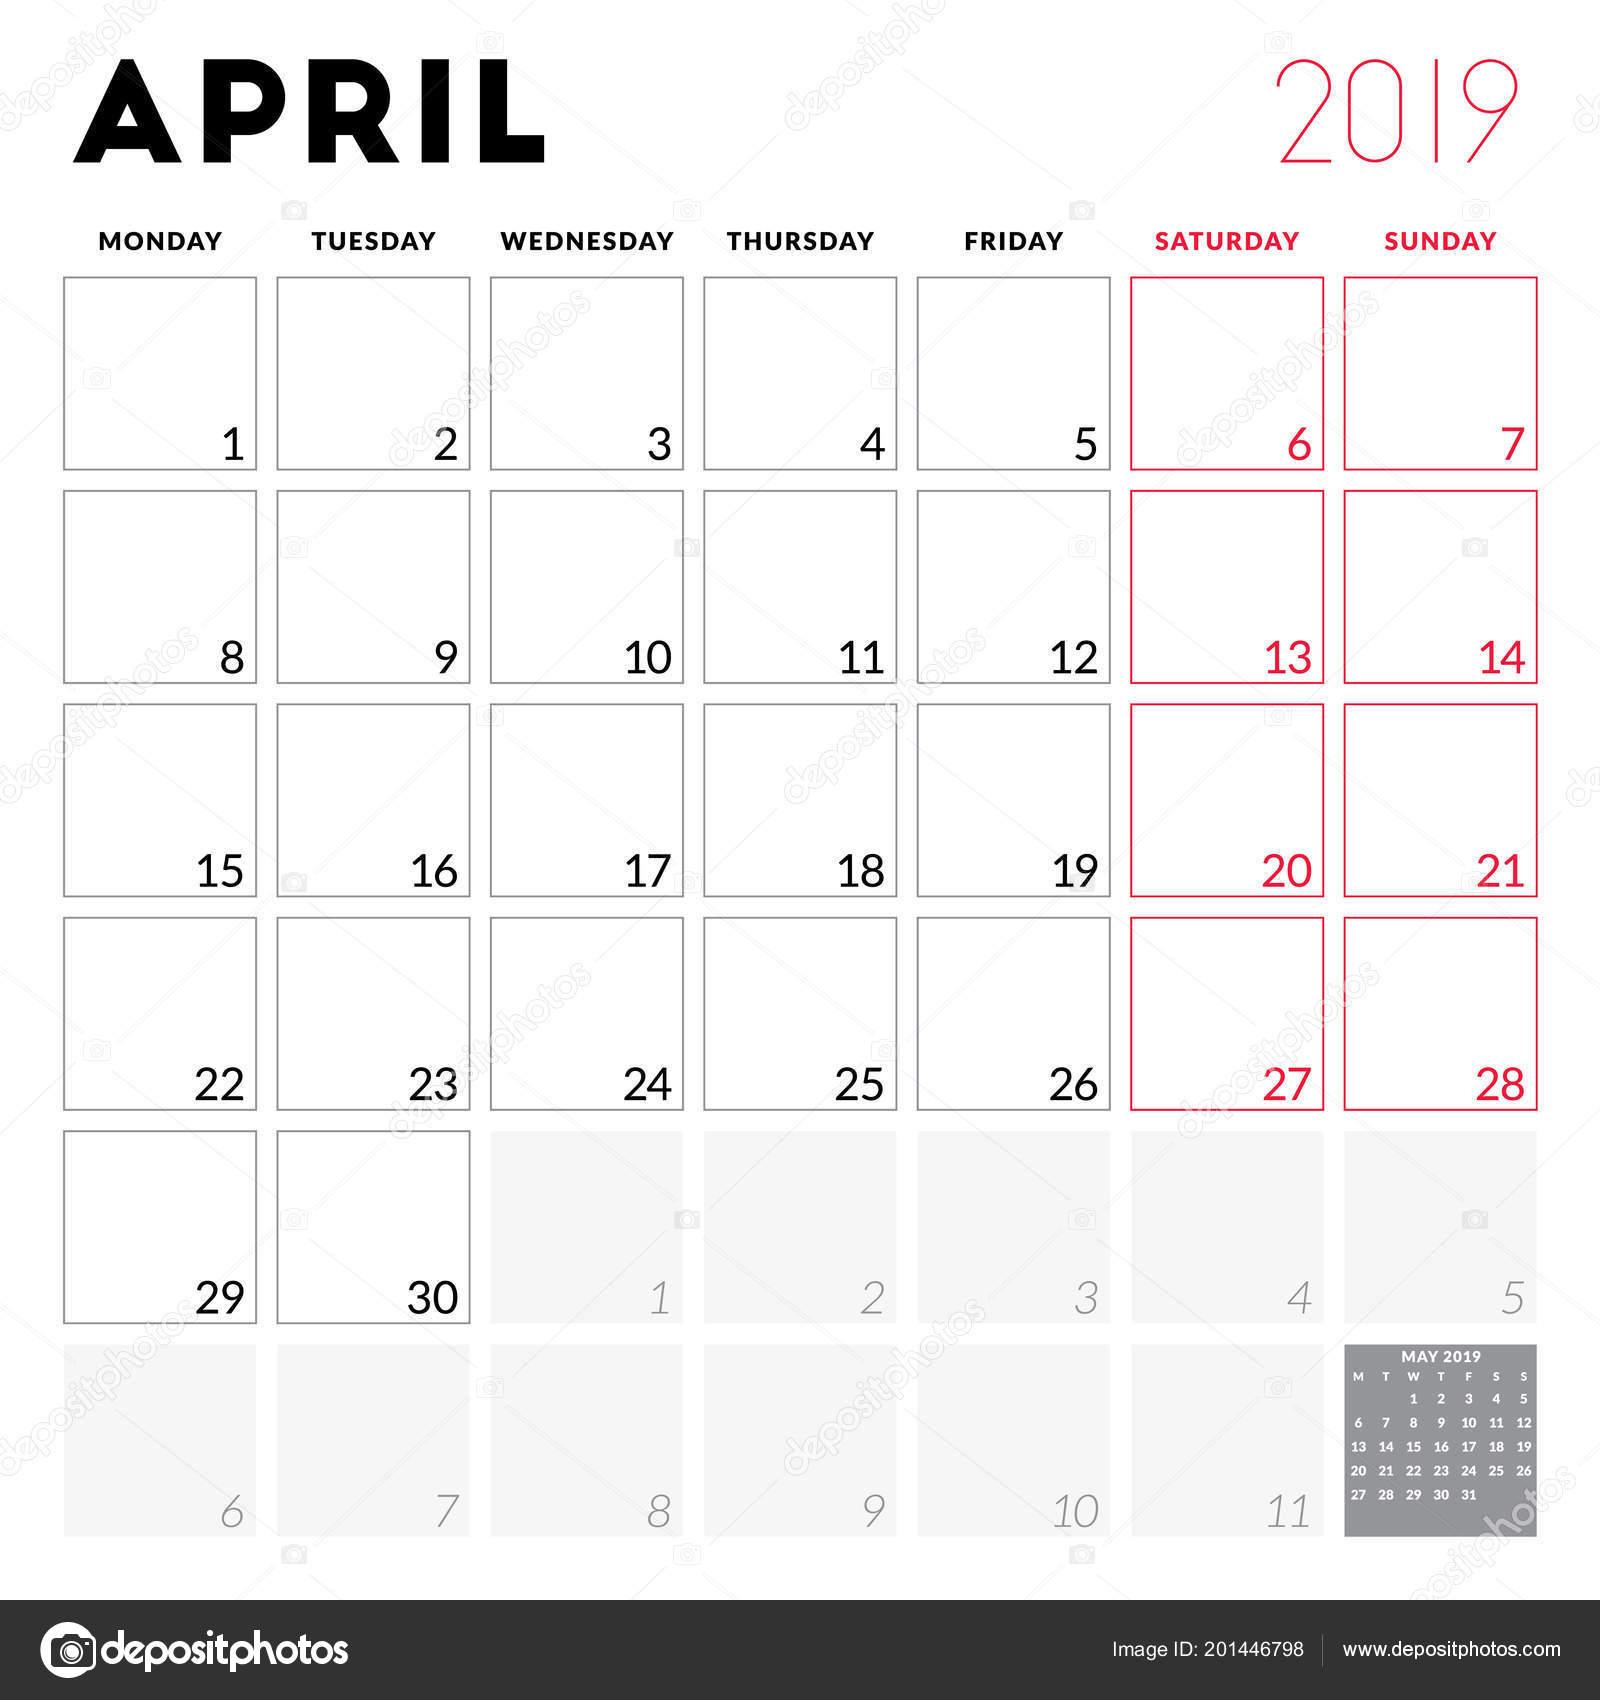 Calendario Imprimir Abril 2019.Calendario De Abril 2019 Planificador Calendario Para Abril 2019